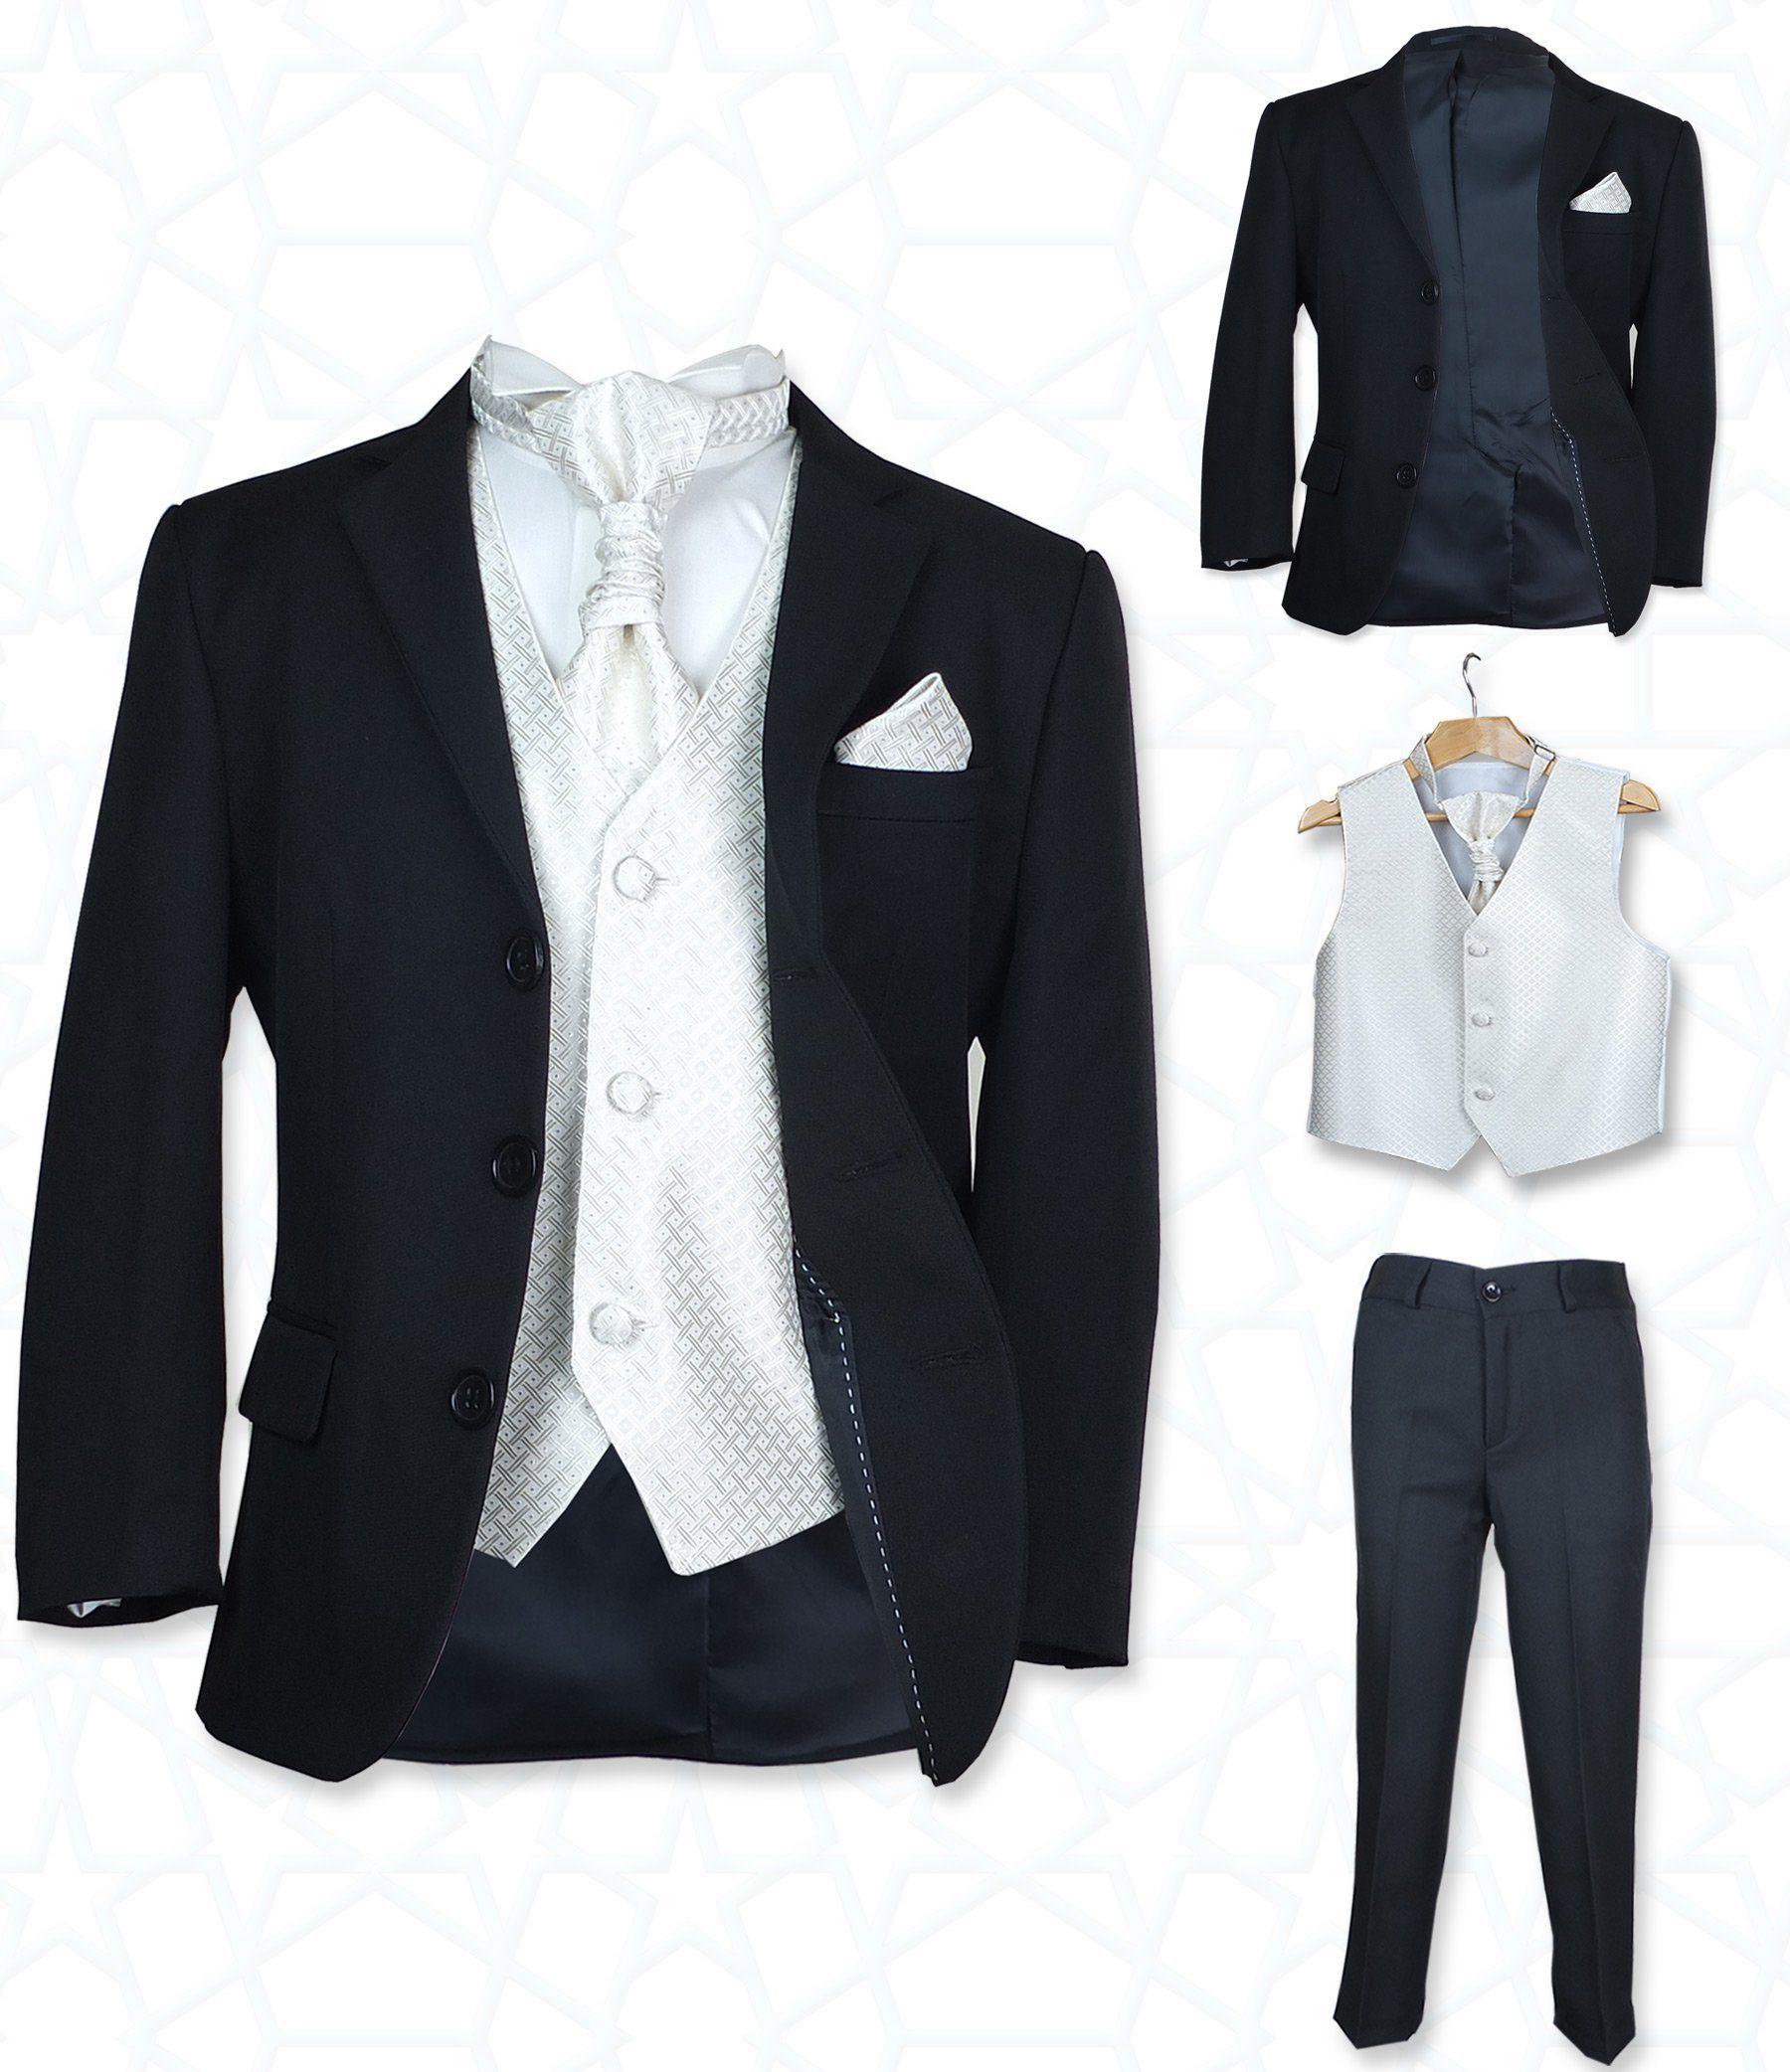 Sirri Jungen 5 Teile Formell Hochzeit Anzuge Elfenbein Krawatte Abiball Seite Jungen Anzug Schwarz Creme 116 Amazon De Be Anzug Anzug Jungen Bekleidung